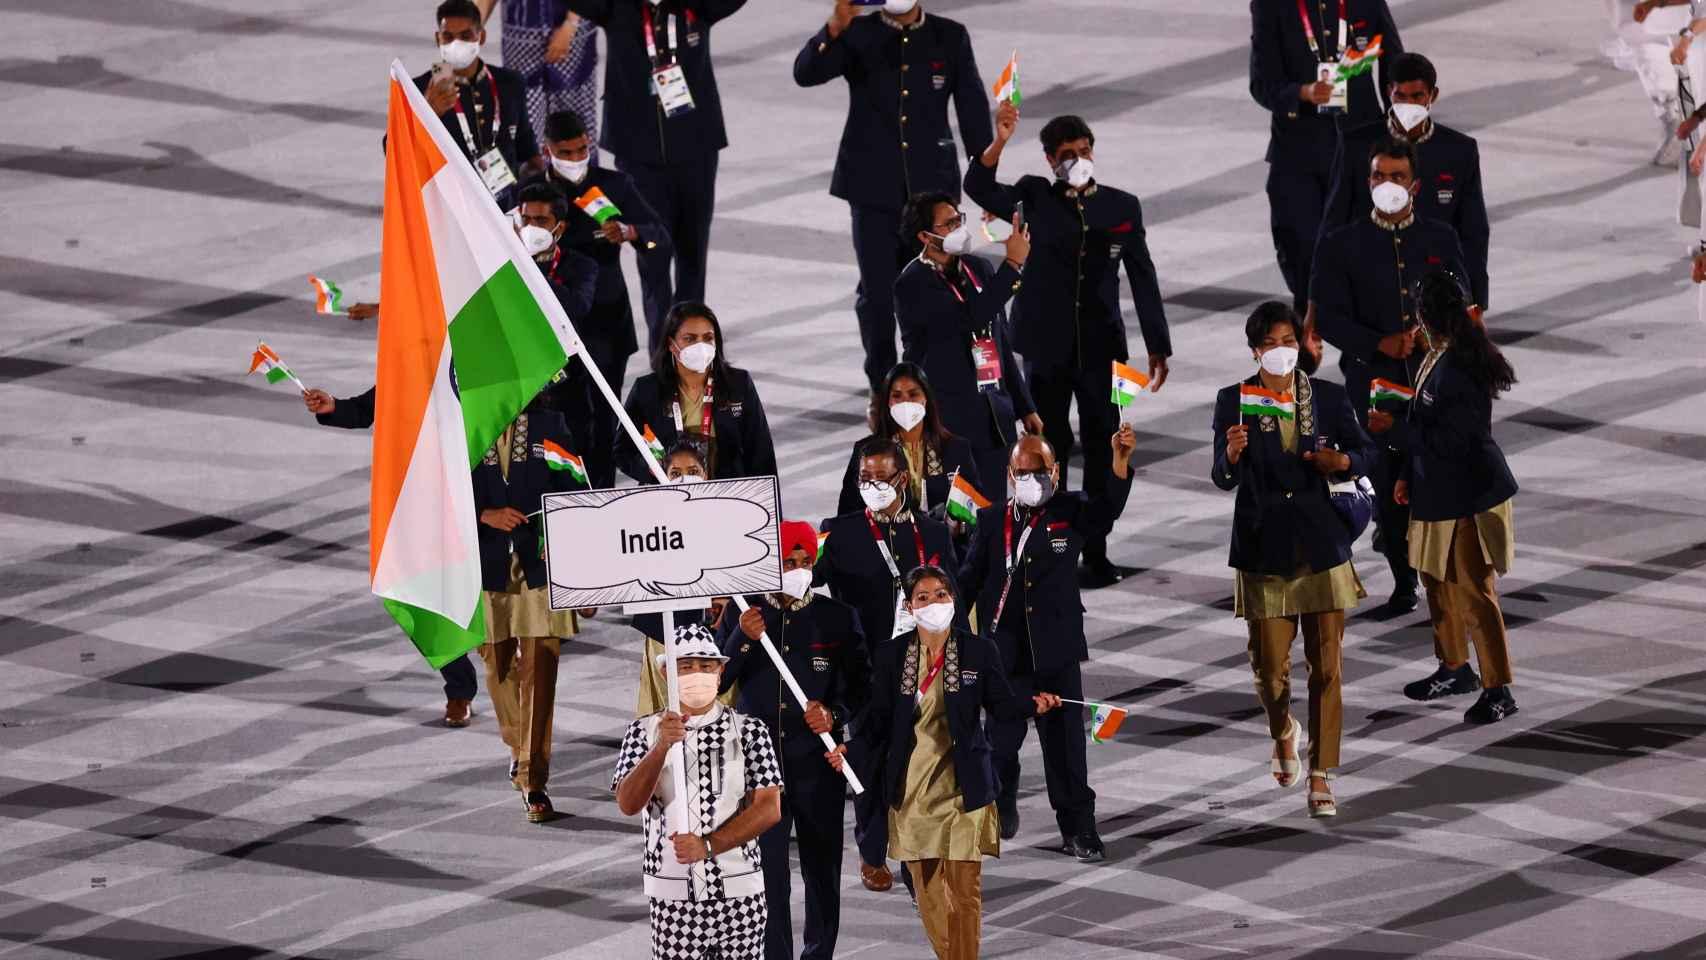 La delegación de la India en la ceremonia de apertura de los JJOO 2020